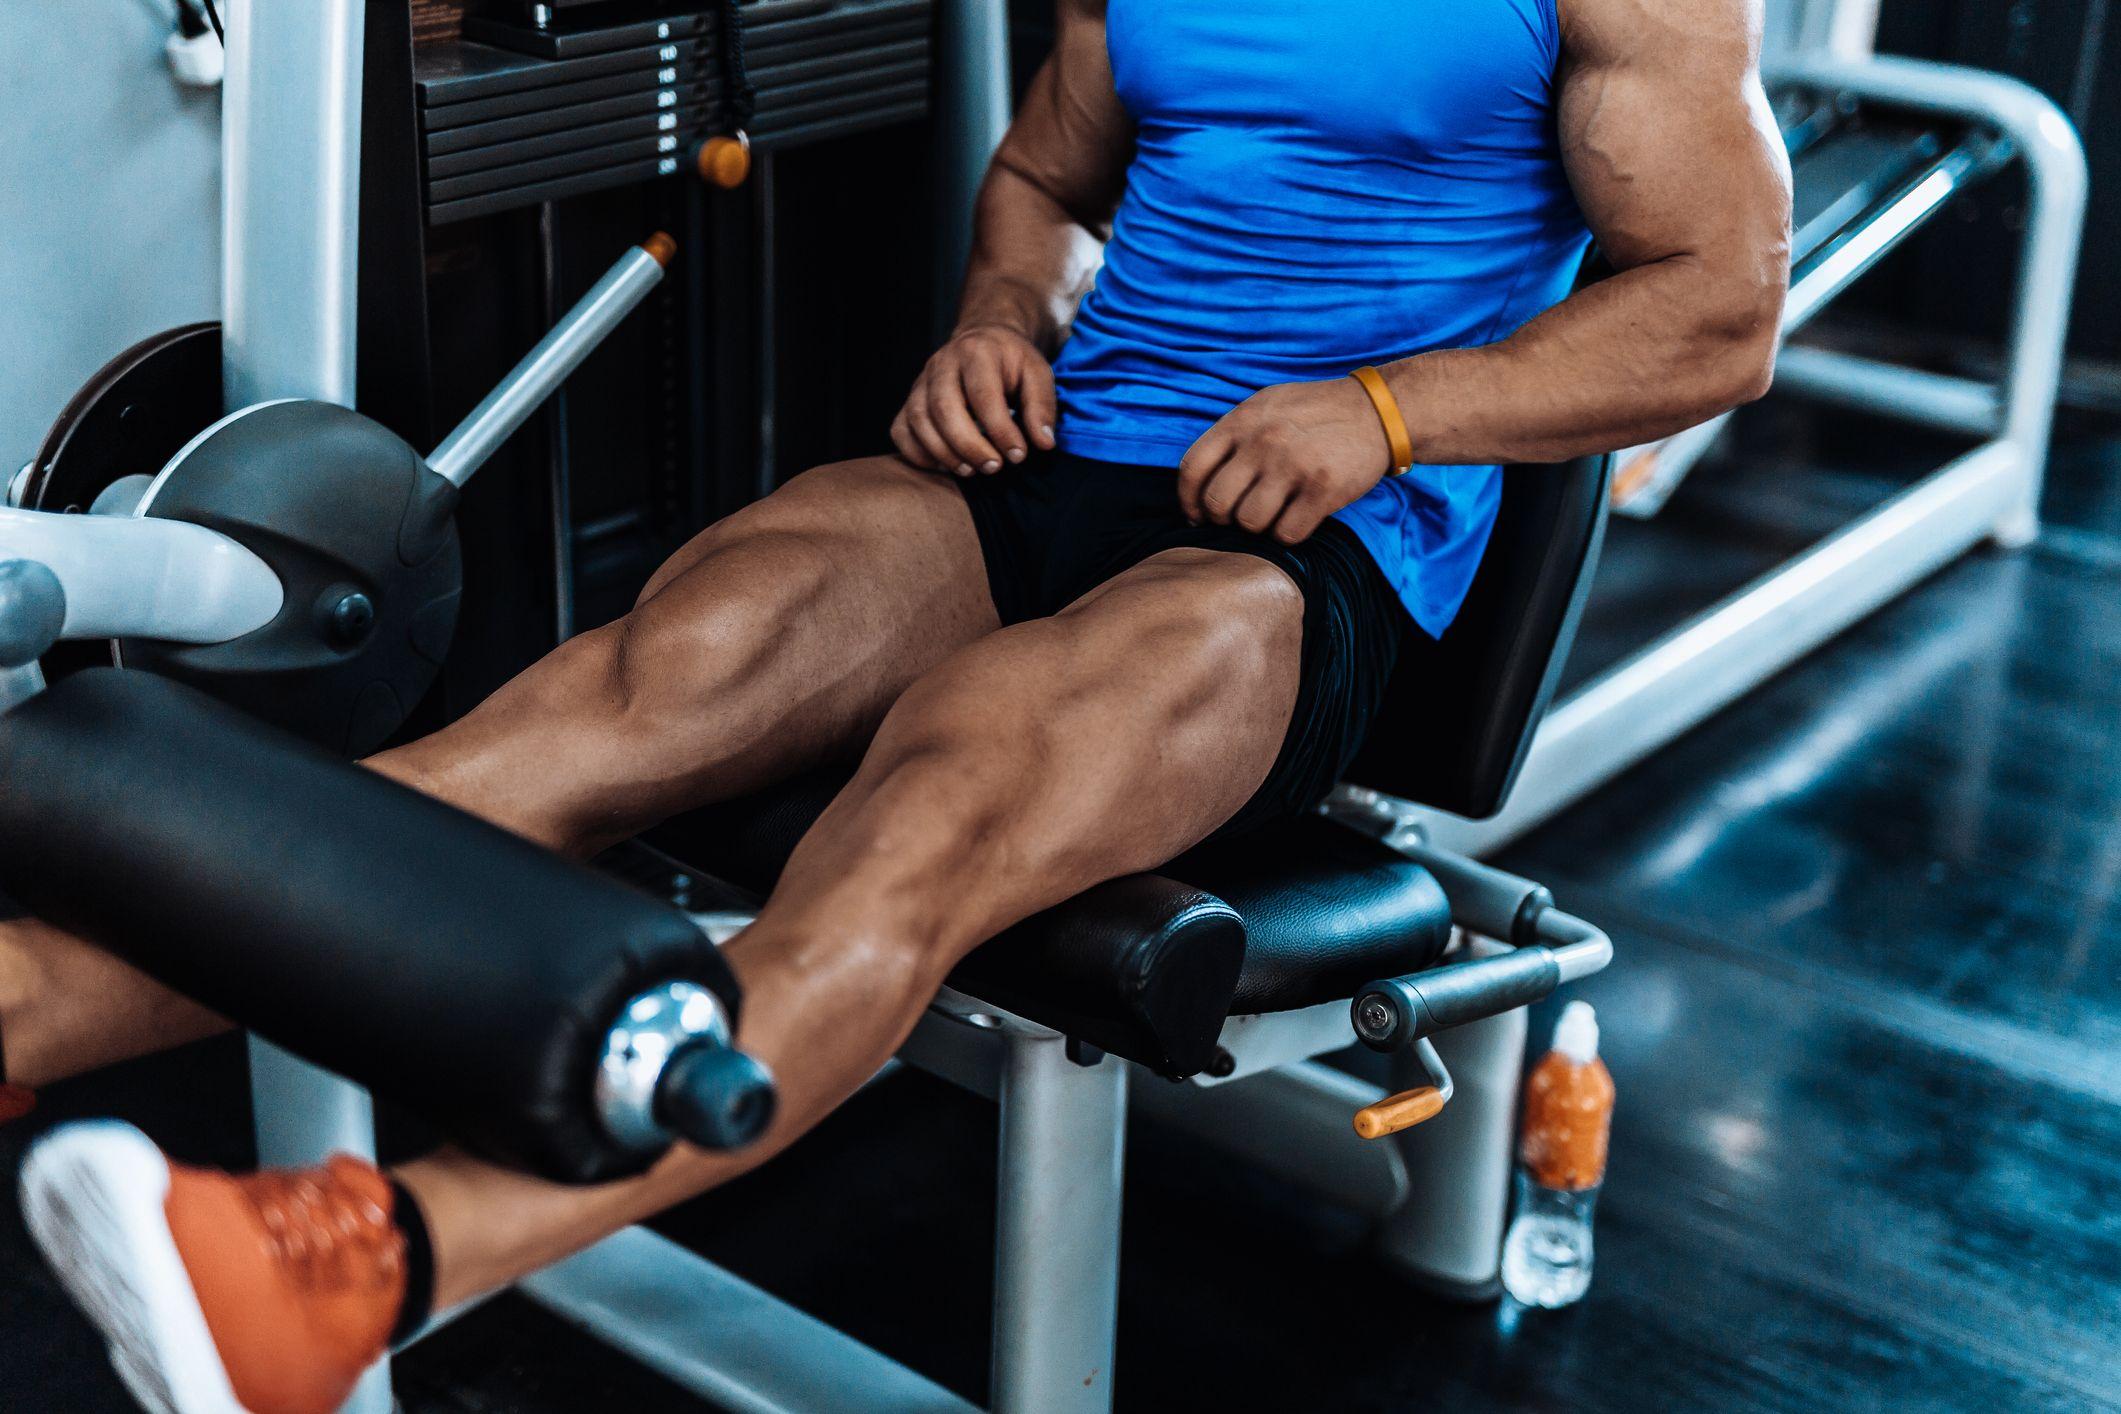 ejercicios para piernas gimnasio